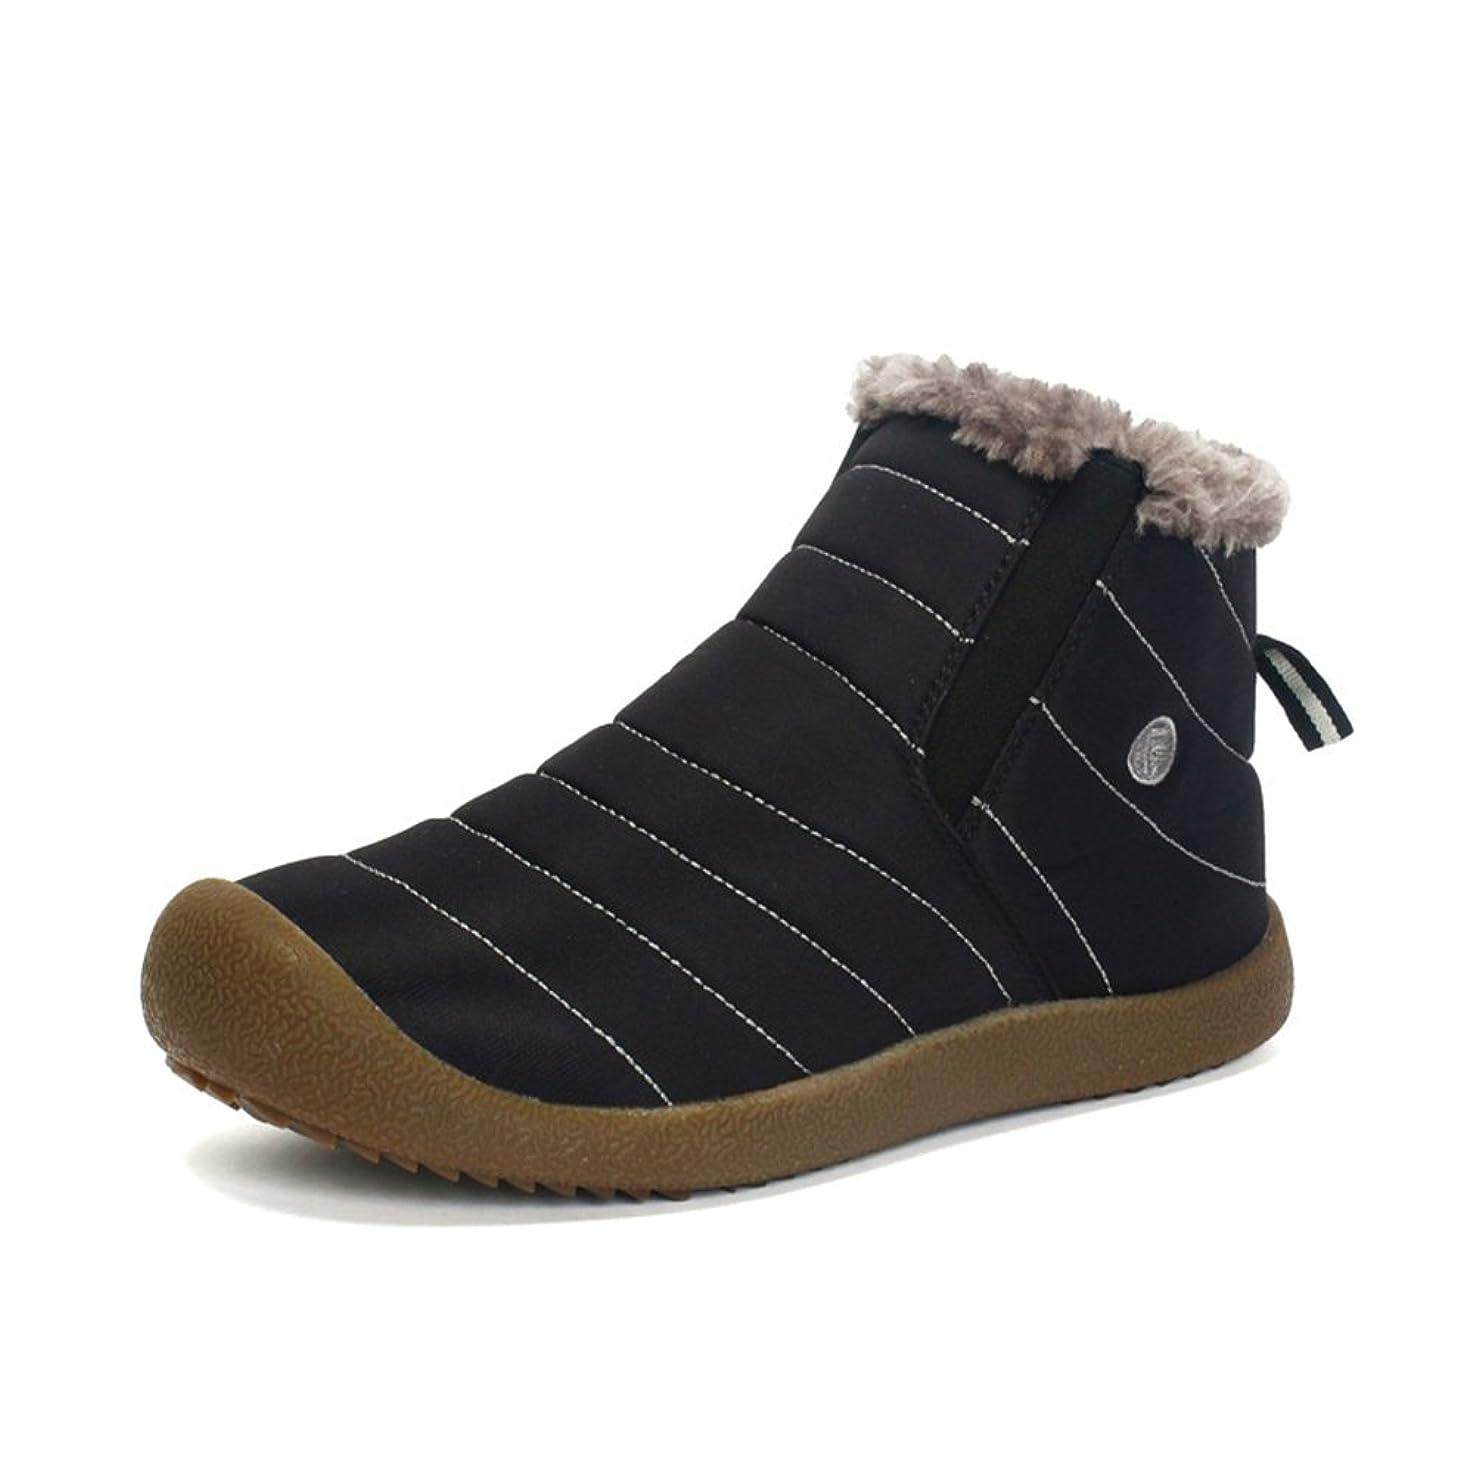 メタリック大宇宙乱気流[サニーサニー] Amazonスノーブーツ レディース メンズ ショートブーツ 大きいサイズ 厚底 ボア付き 防寒 防水 防滑 保暖 裏起毛 ムートンブーツ ウィンターブーツ 冬用 カジュアル 綿靴 雪靴 歩きやすい 通学 通勤用